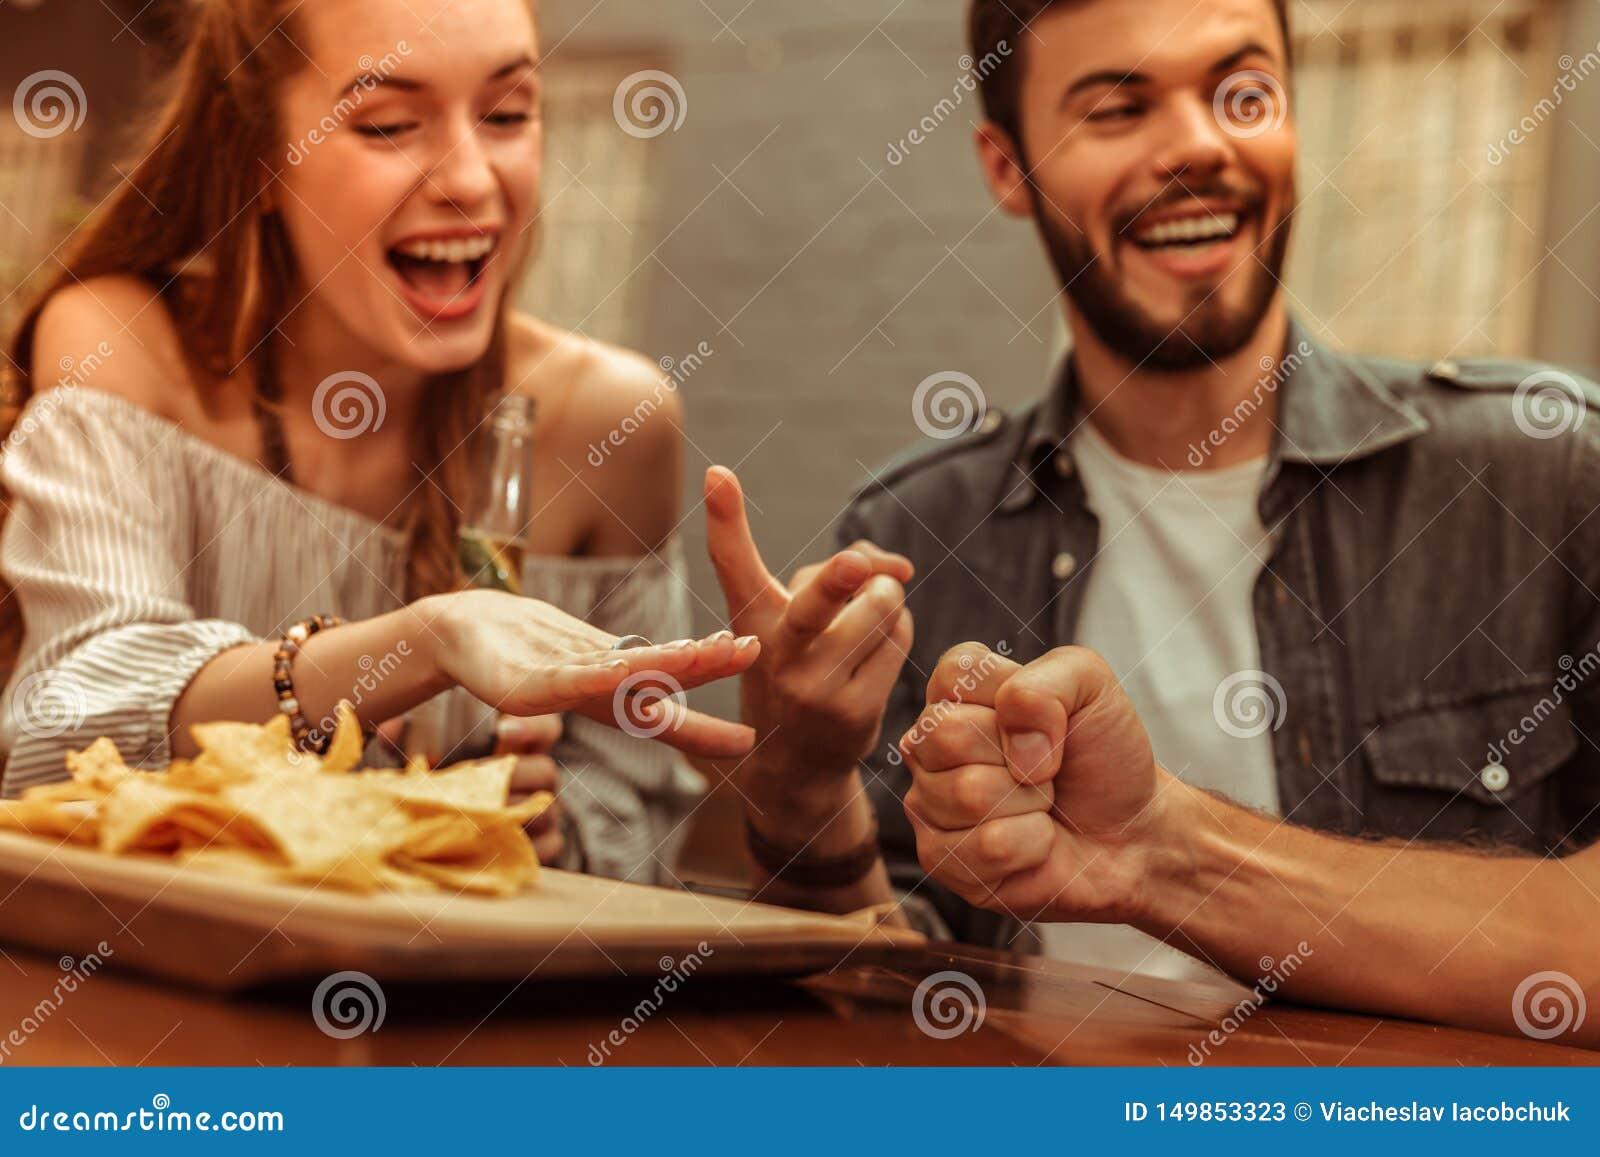 Close-upfoto van vrienden die een lach delen en spelen spelen